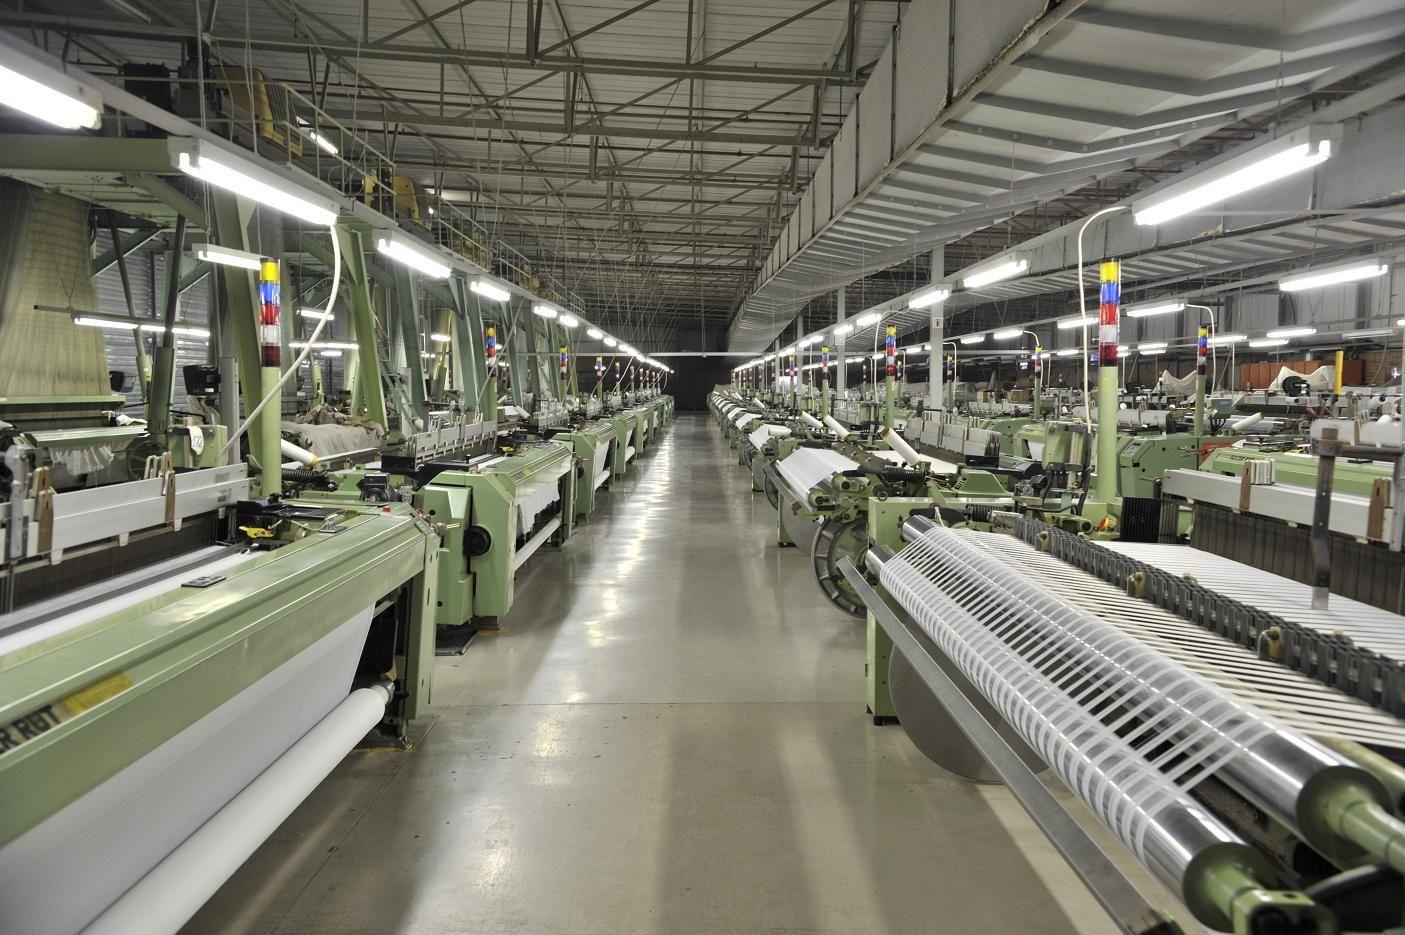 weaving-machine.jpg (1405×935)